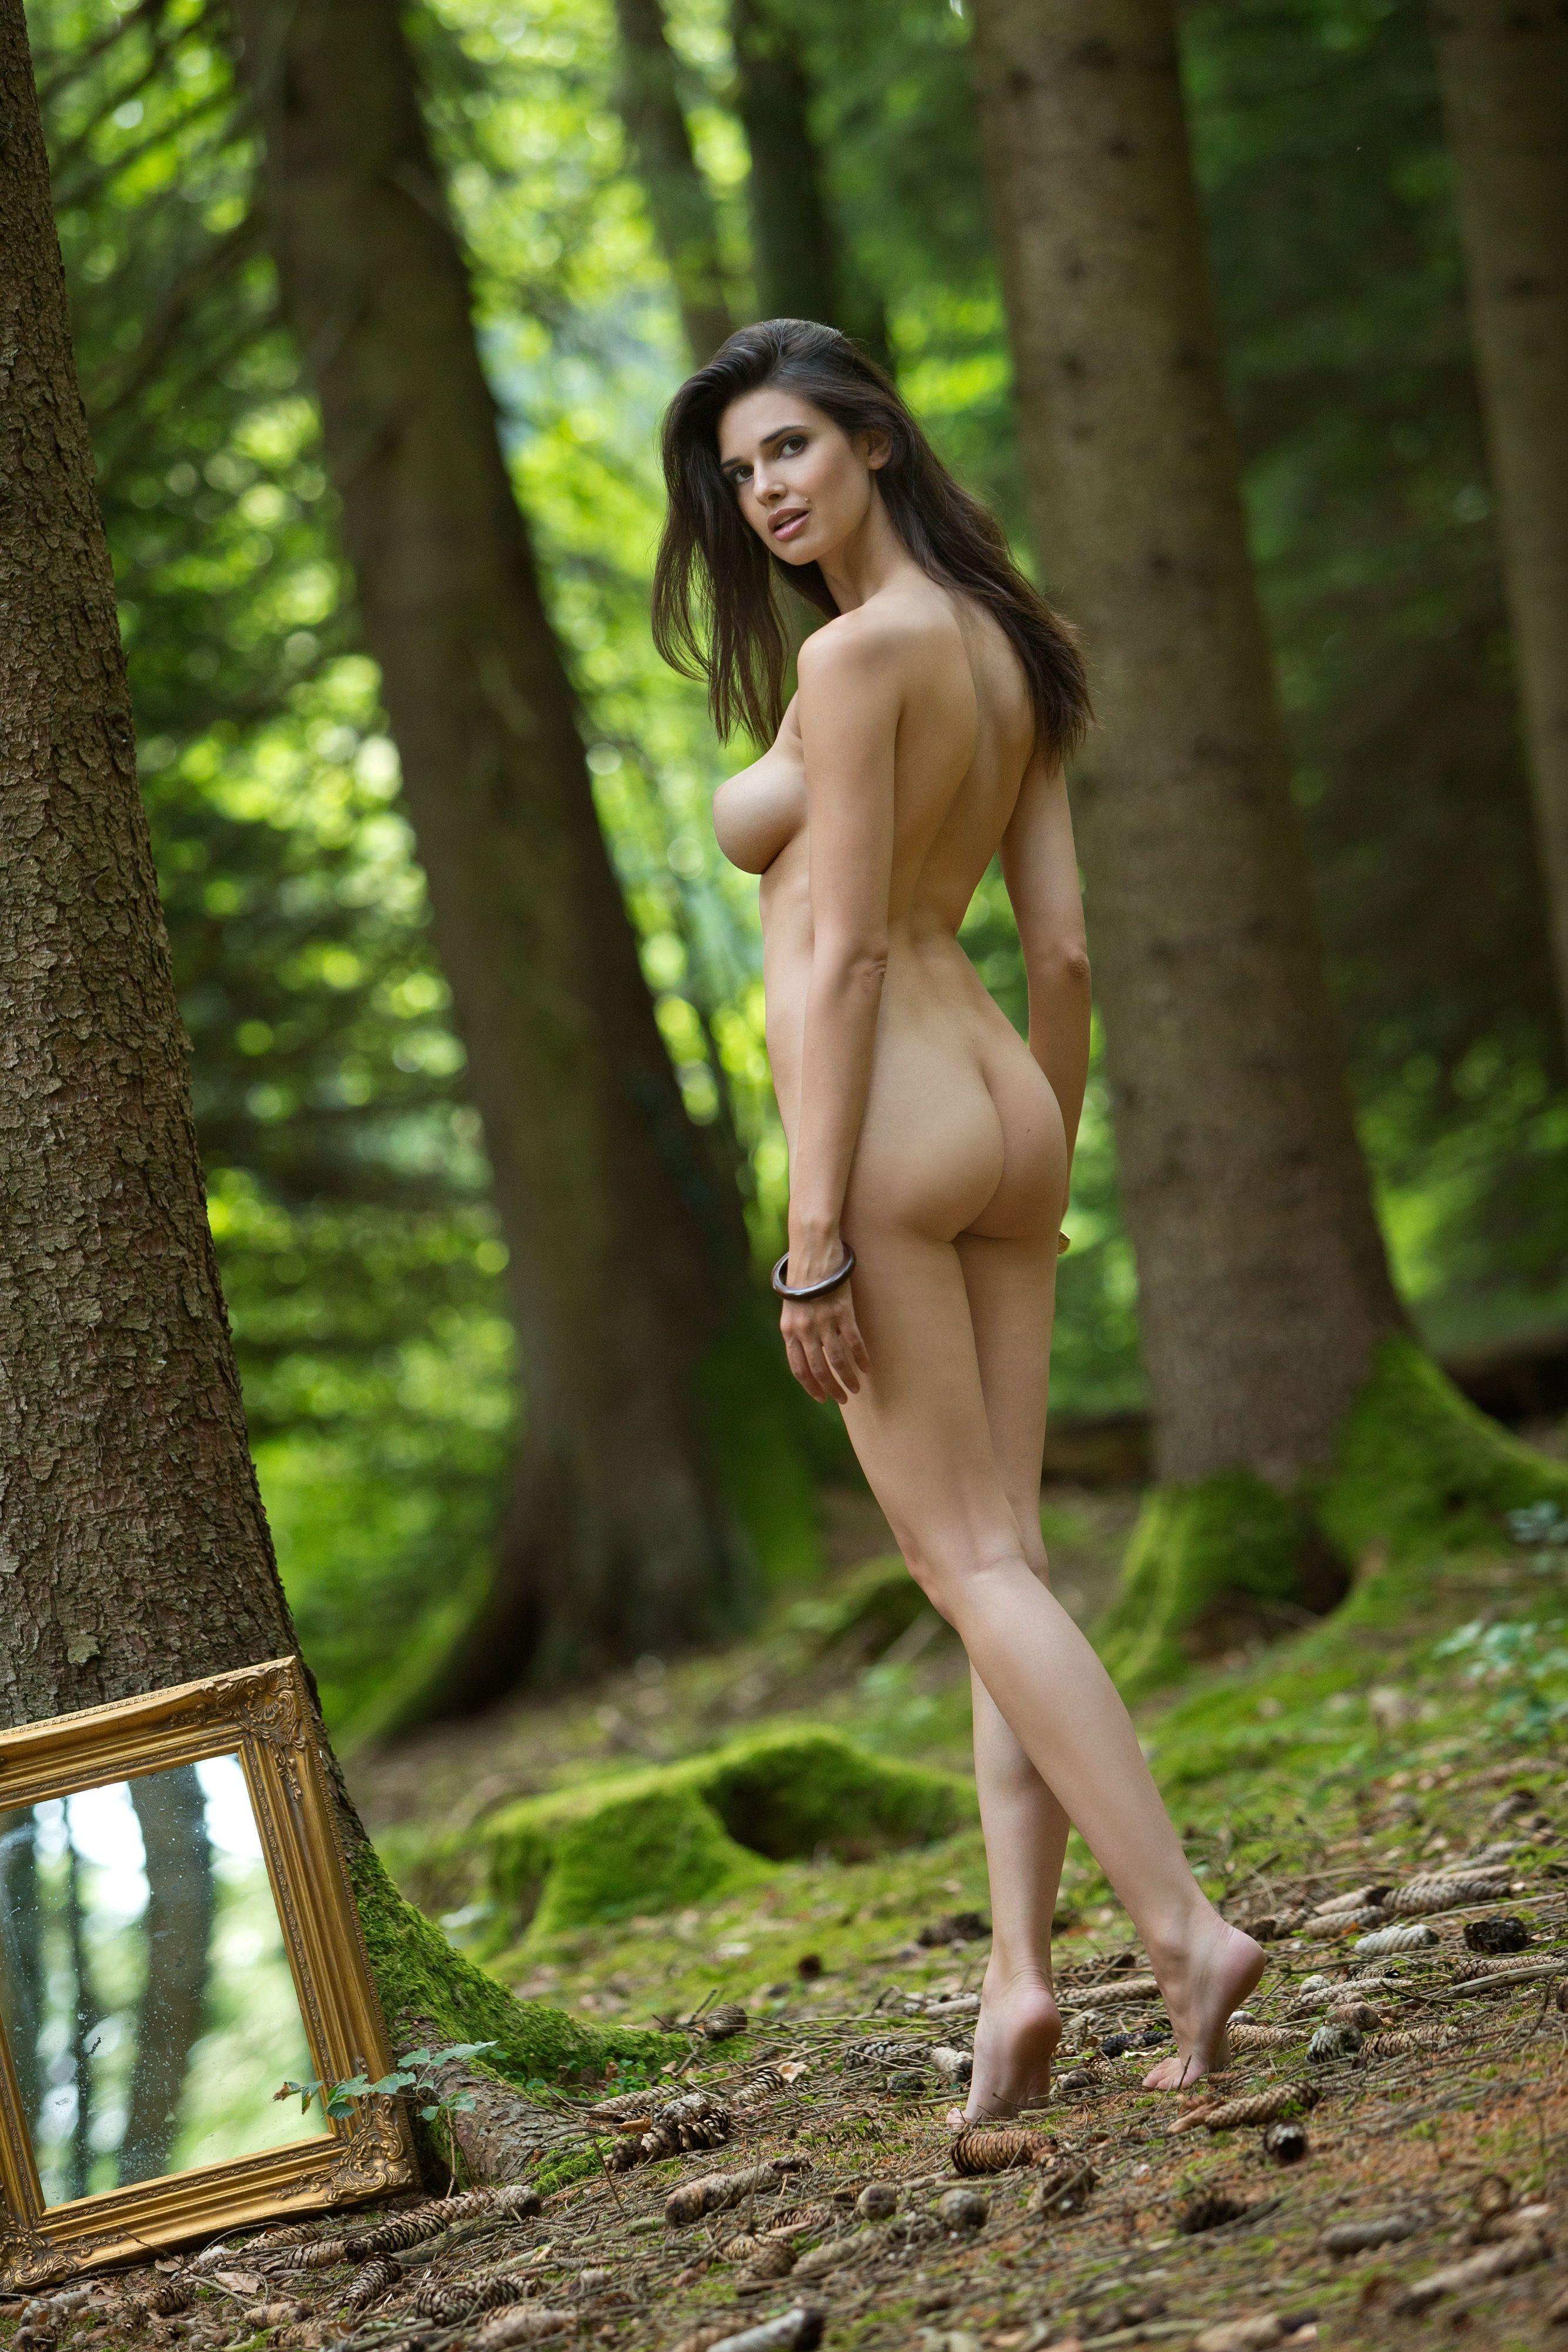 Naked forest bondage